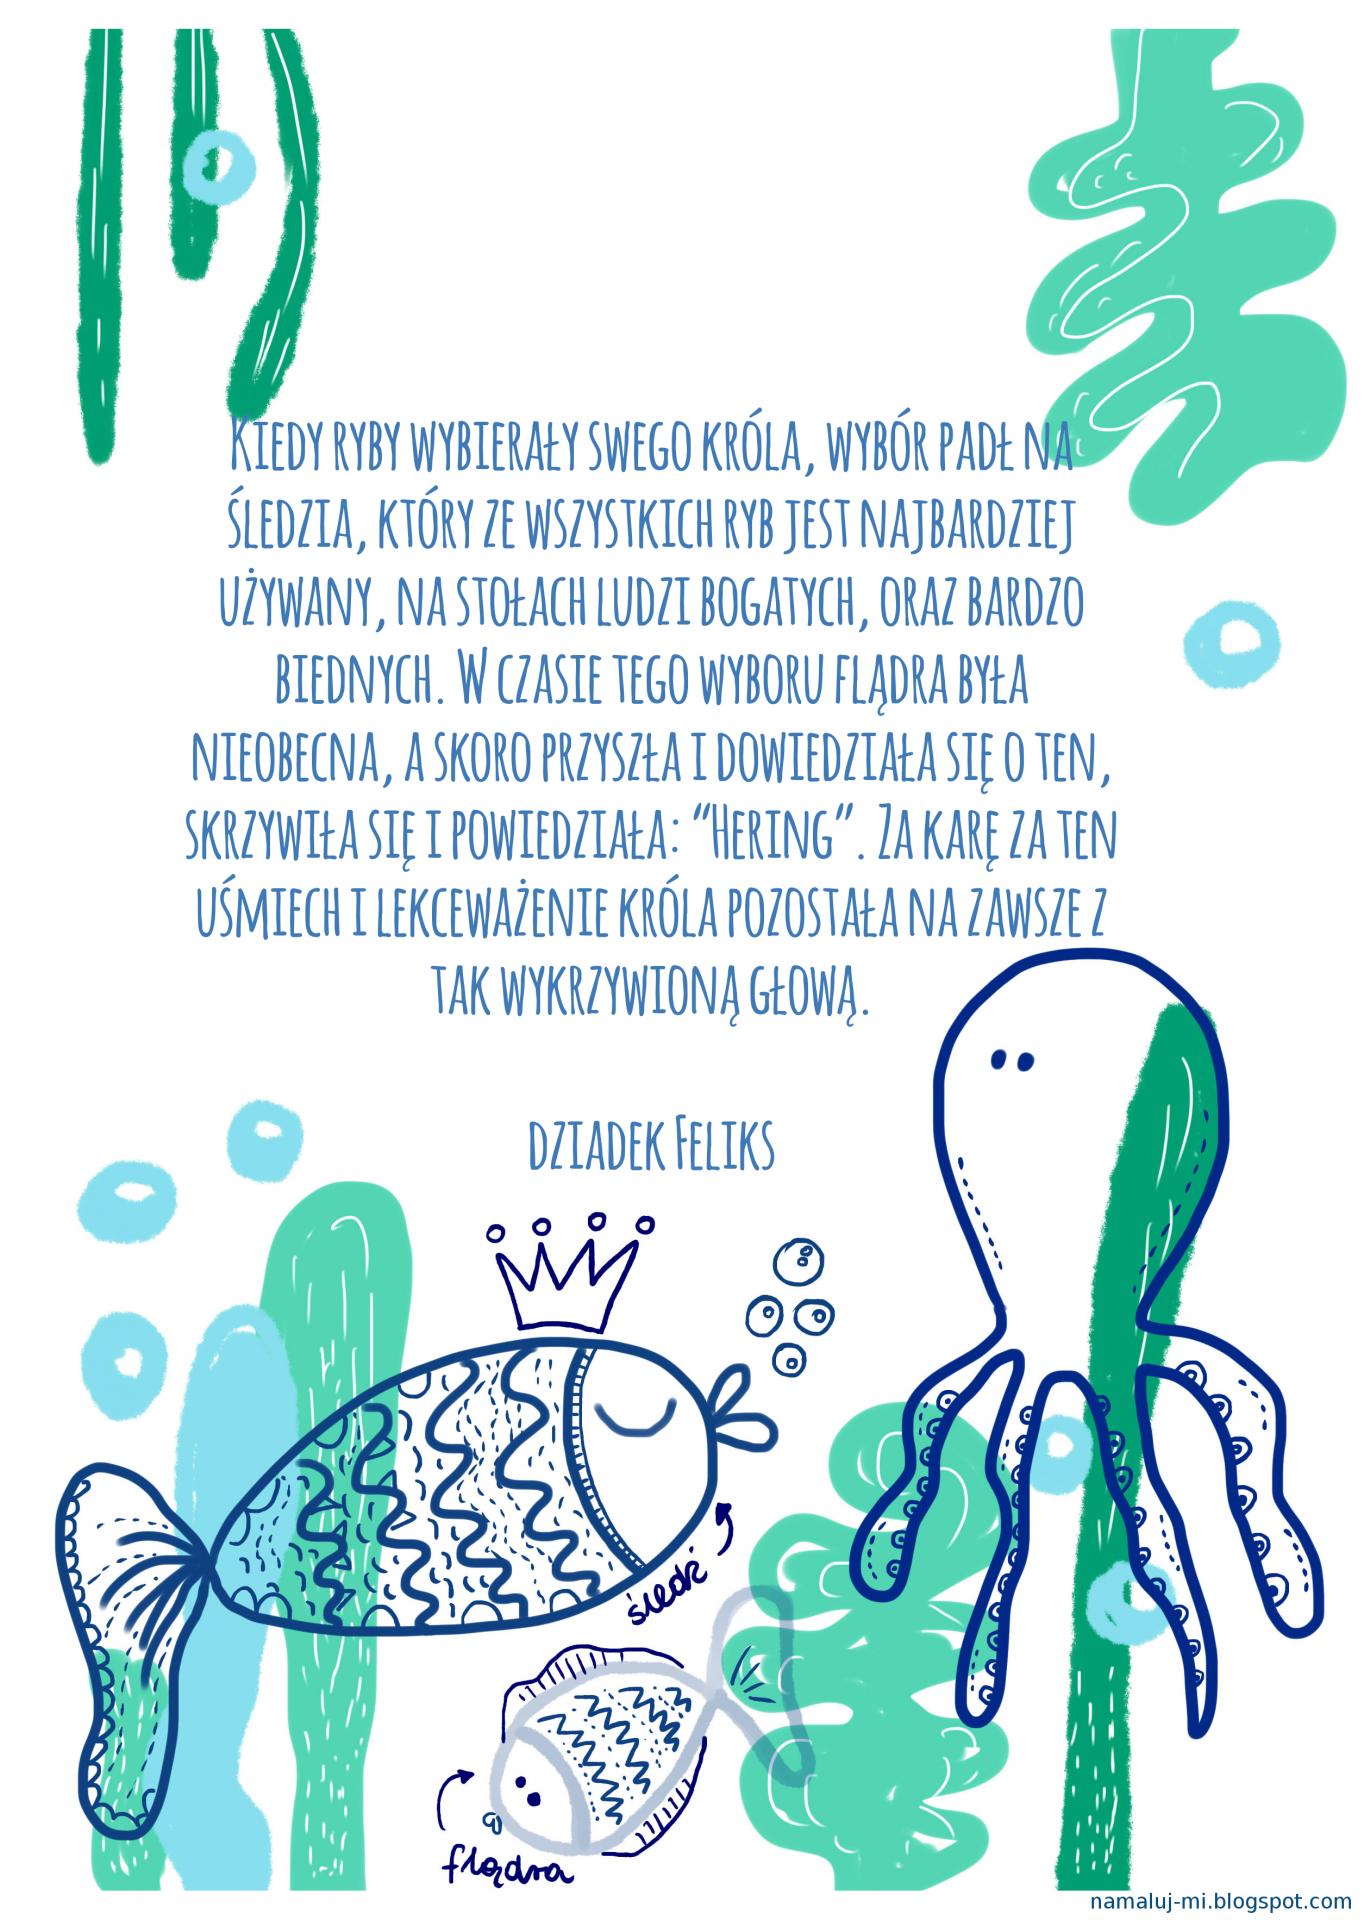 Ilustracja autorstwa Karoliny Kułaga. Źródło: archiwum prywatne.